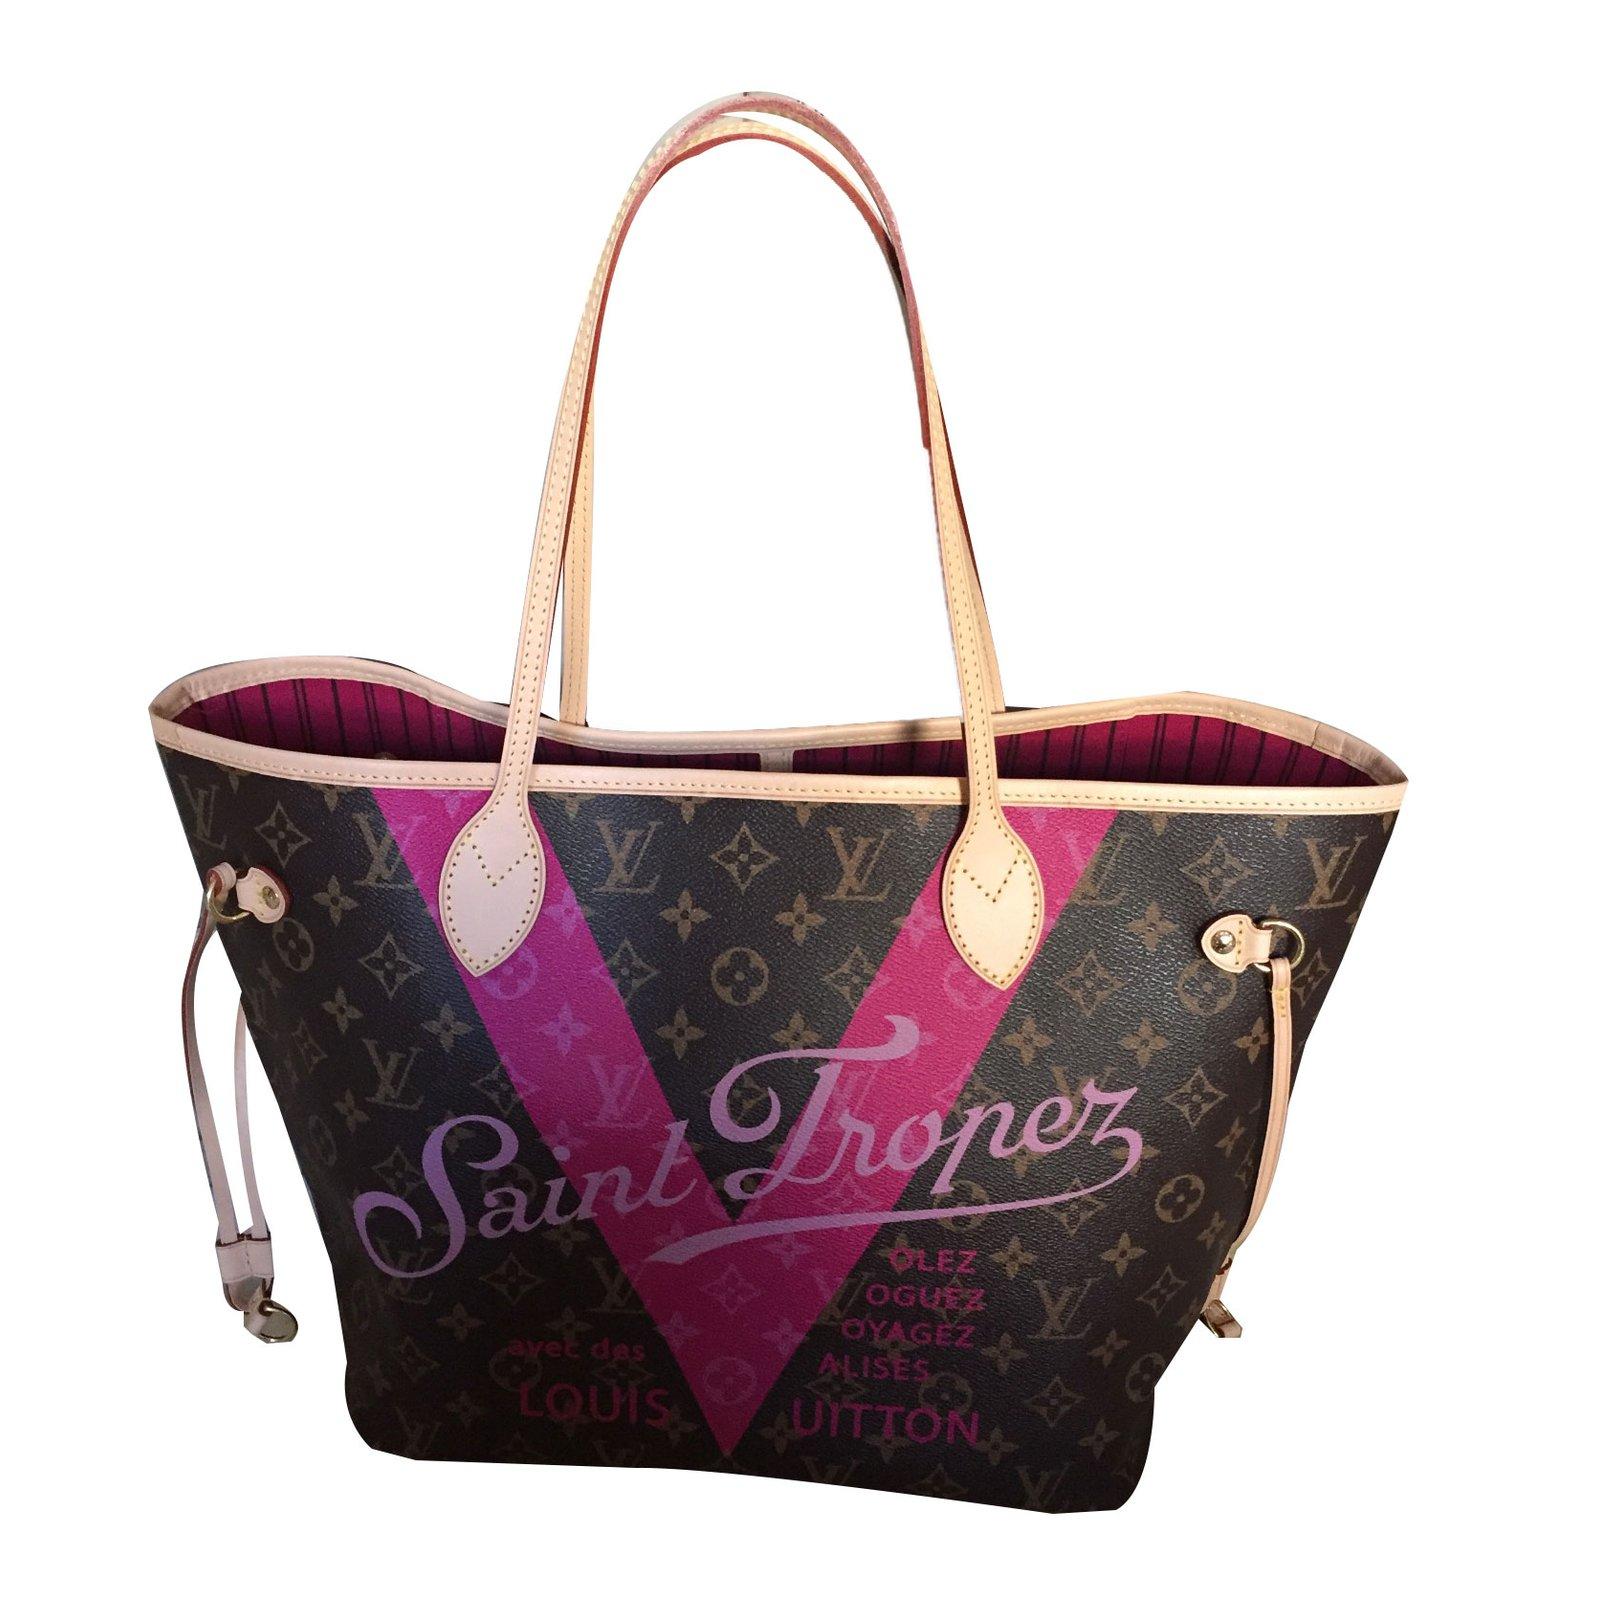 da46ce5a7d95 Louis Vuitton Neverfull MM Limited Edition Saint Tropez Handbags Other  Multiple colors ref.61155